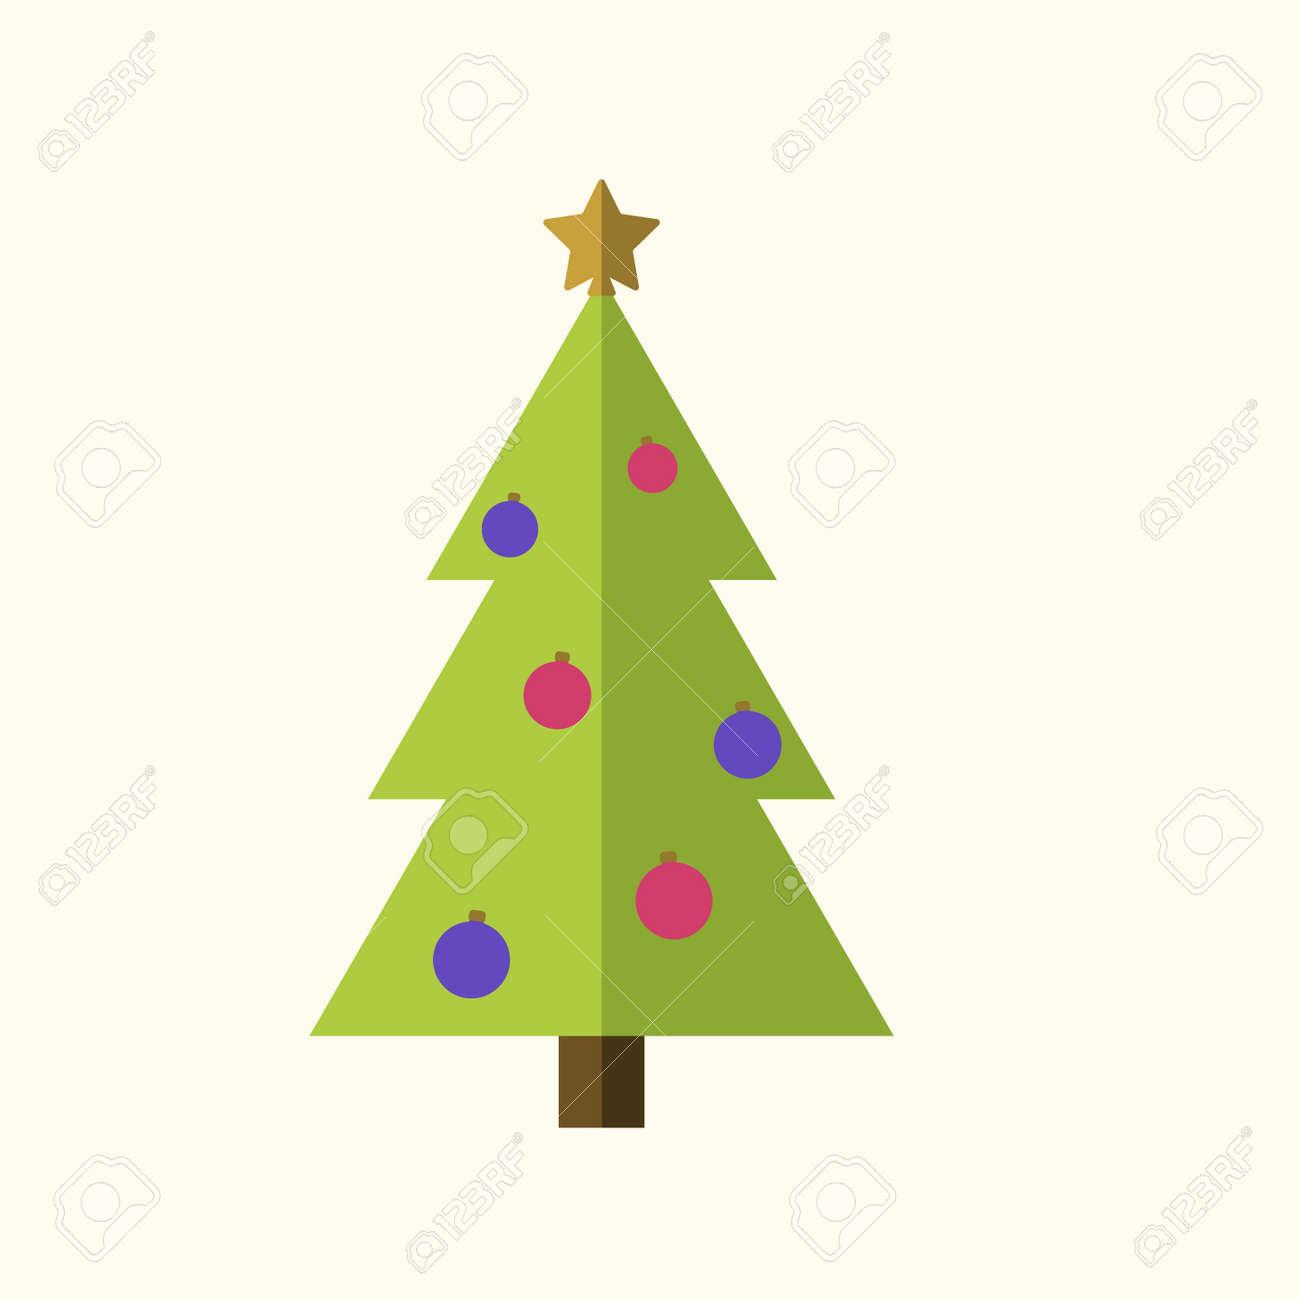 Dibujos De Un Arbol De Navidad Arbol De Navidad Con Velas Dibujo